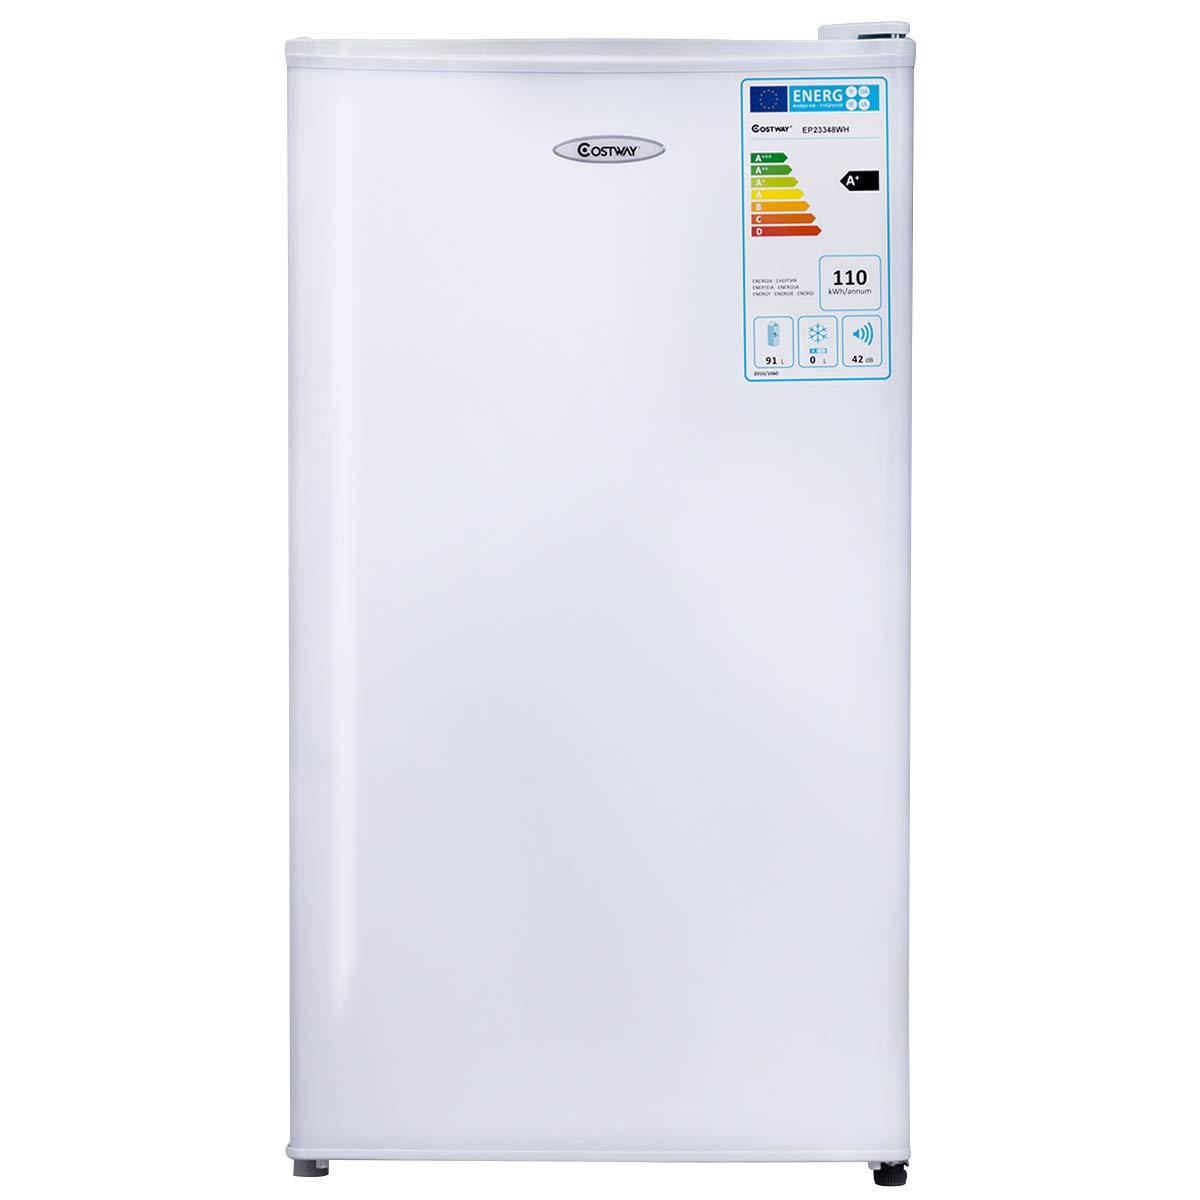 COSTWAY 91 litros Capacidad Refrigerador Nevera Frigorífico ...